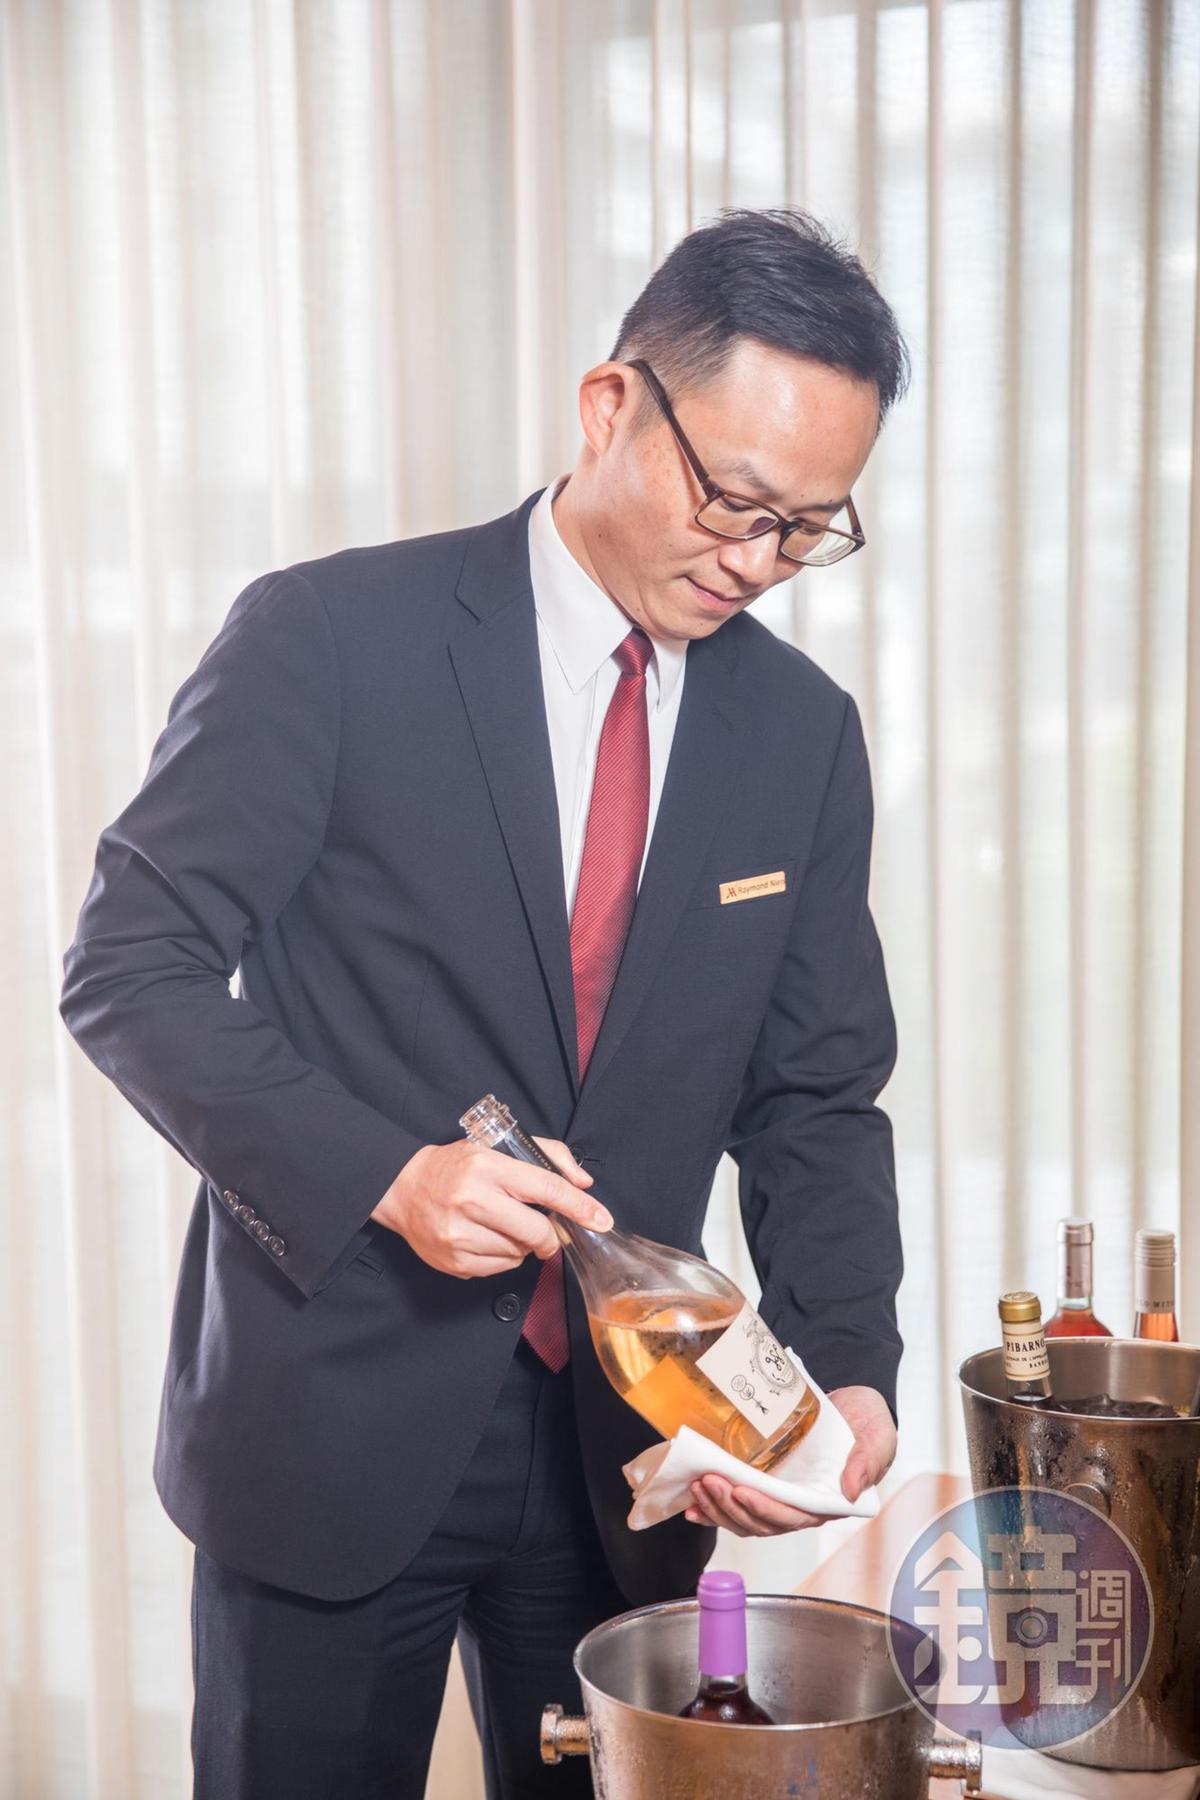 台北萬豪酒店餐飲營運經理聶汎勳,不僅懂酒也曾擔任料理主廚,由他搭配餐酒暢快完美。